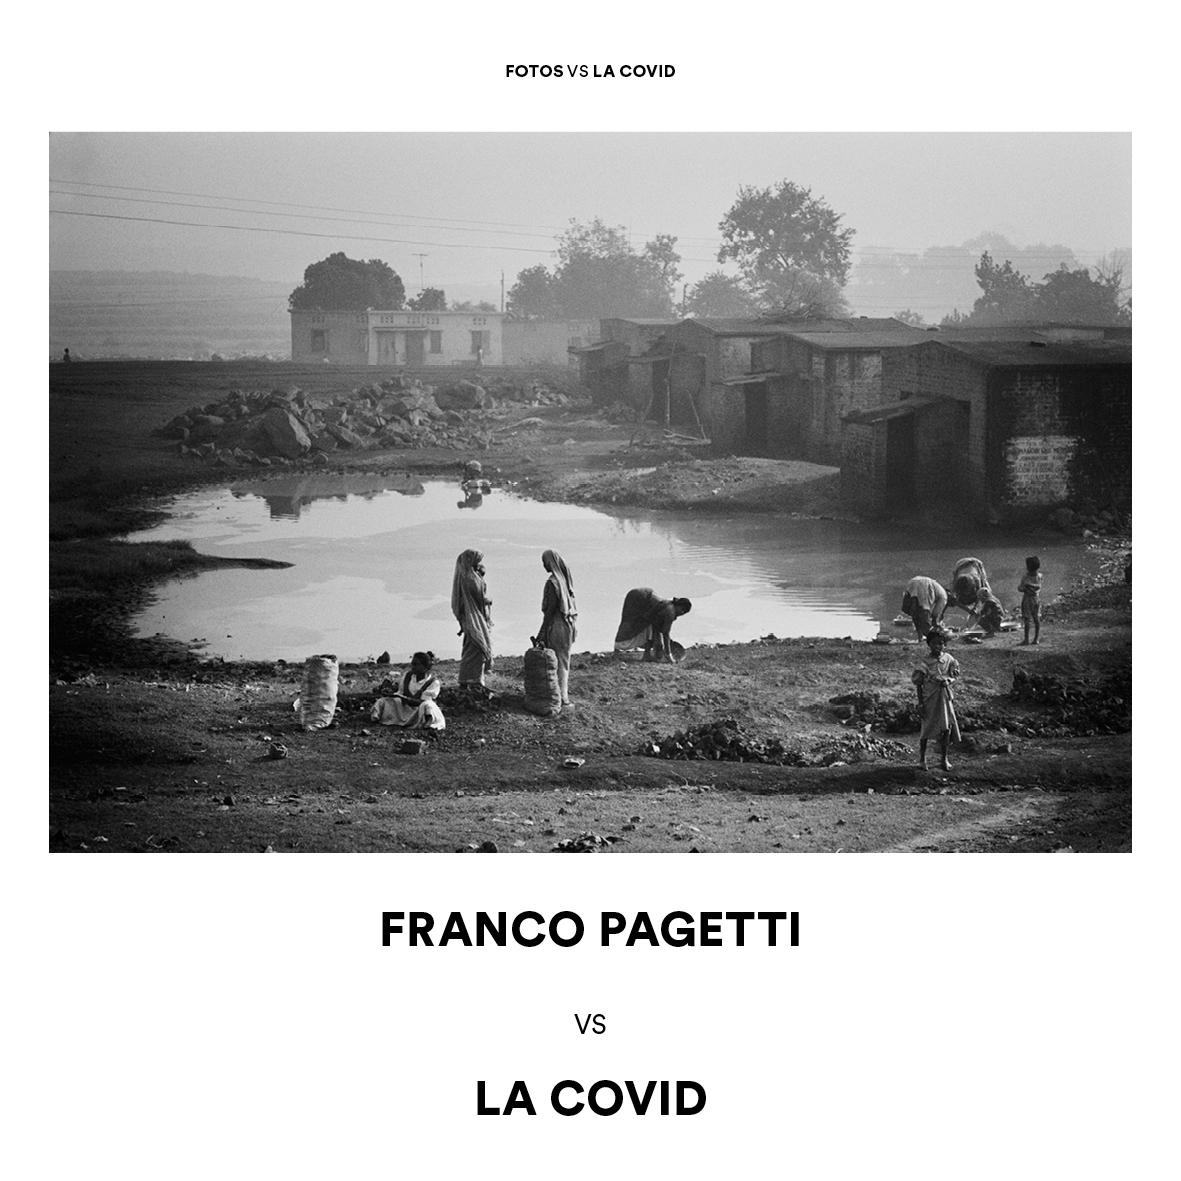 Franco Pagetti POST